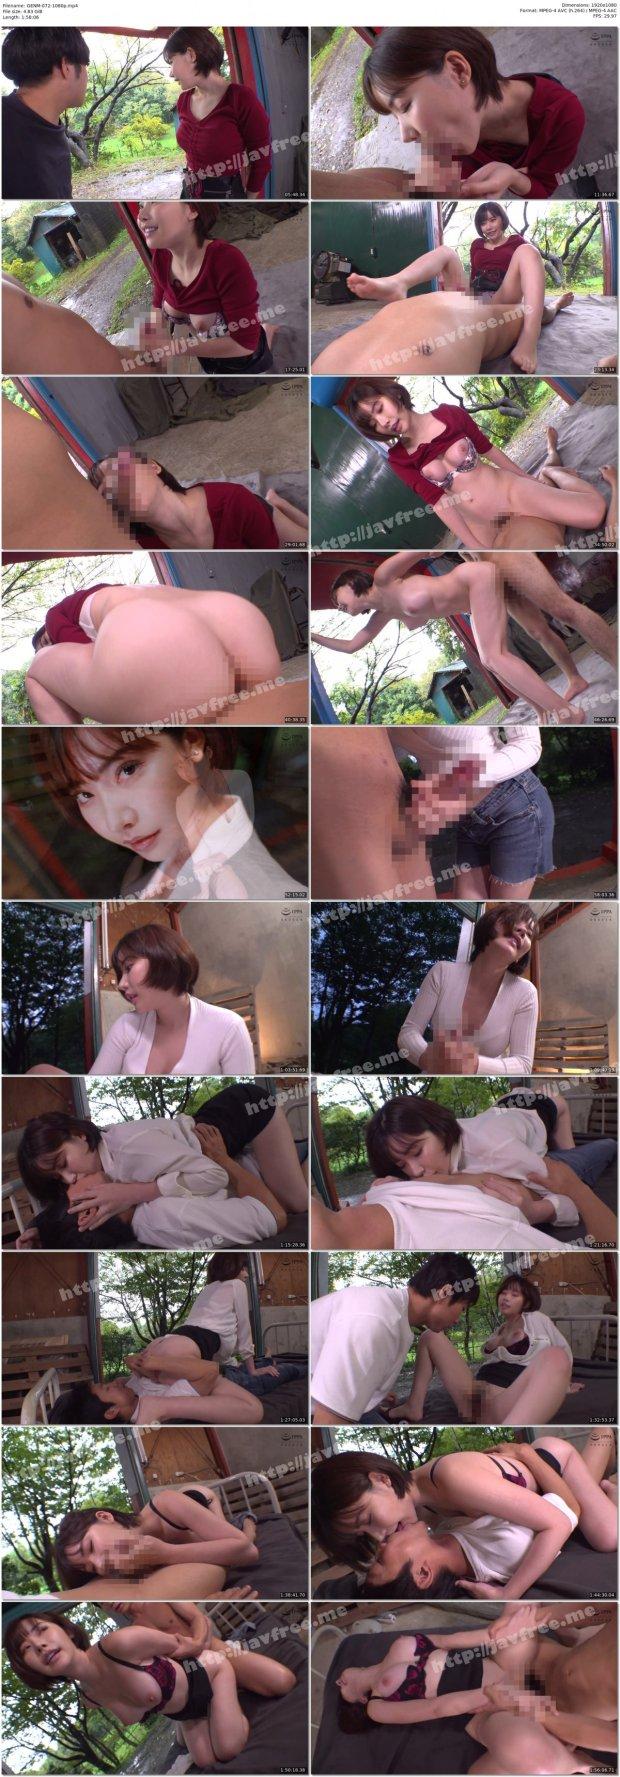 [HD][GENM-072] 野外倉庫で誘惑する究極美少女2 深田えいみ